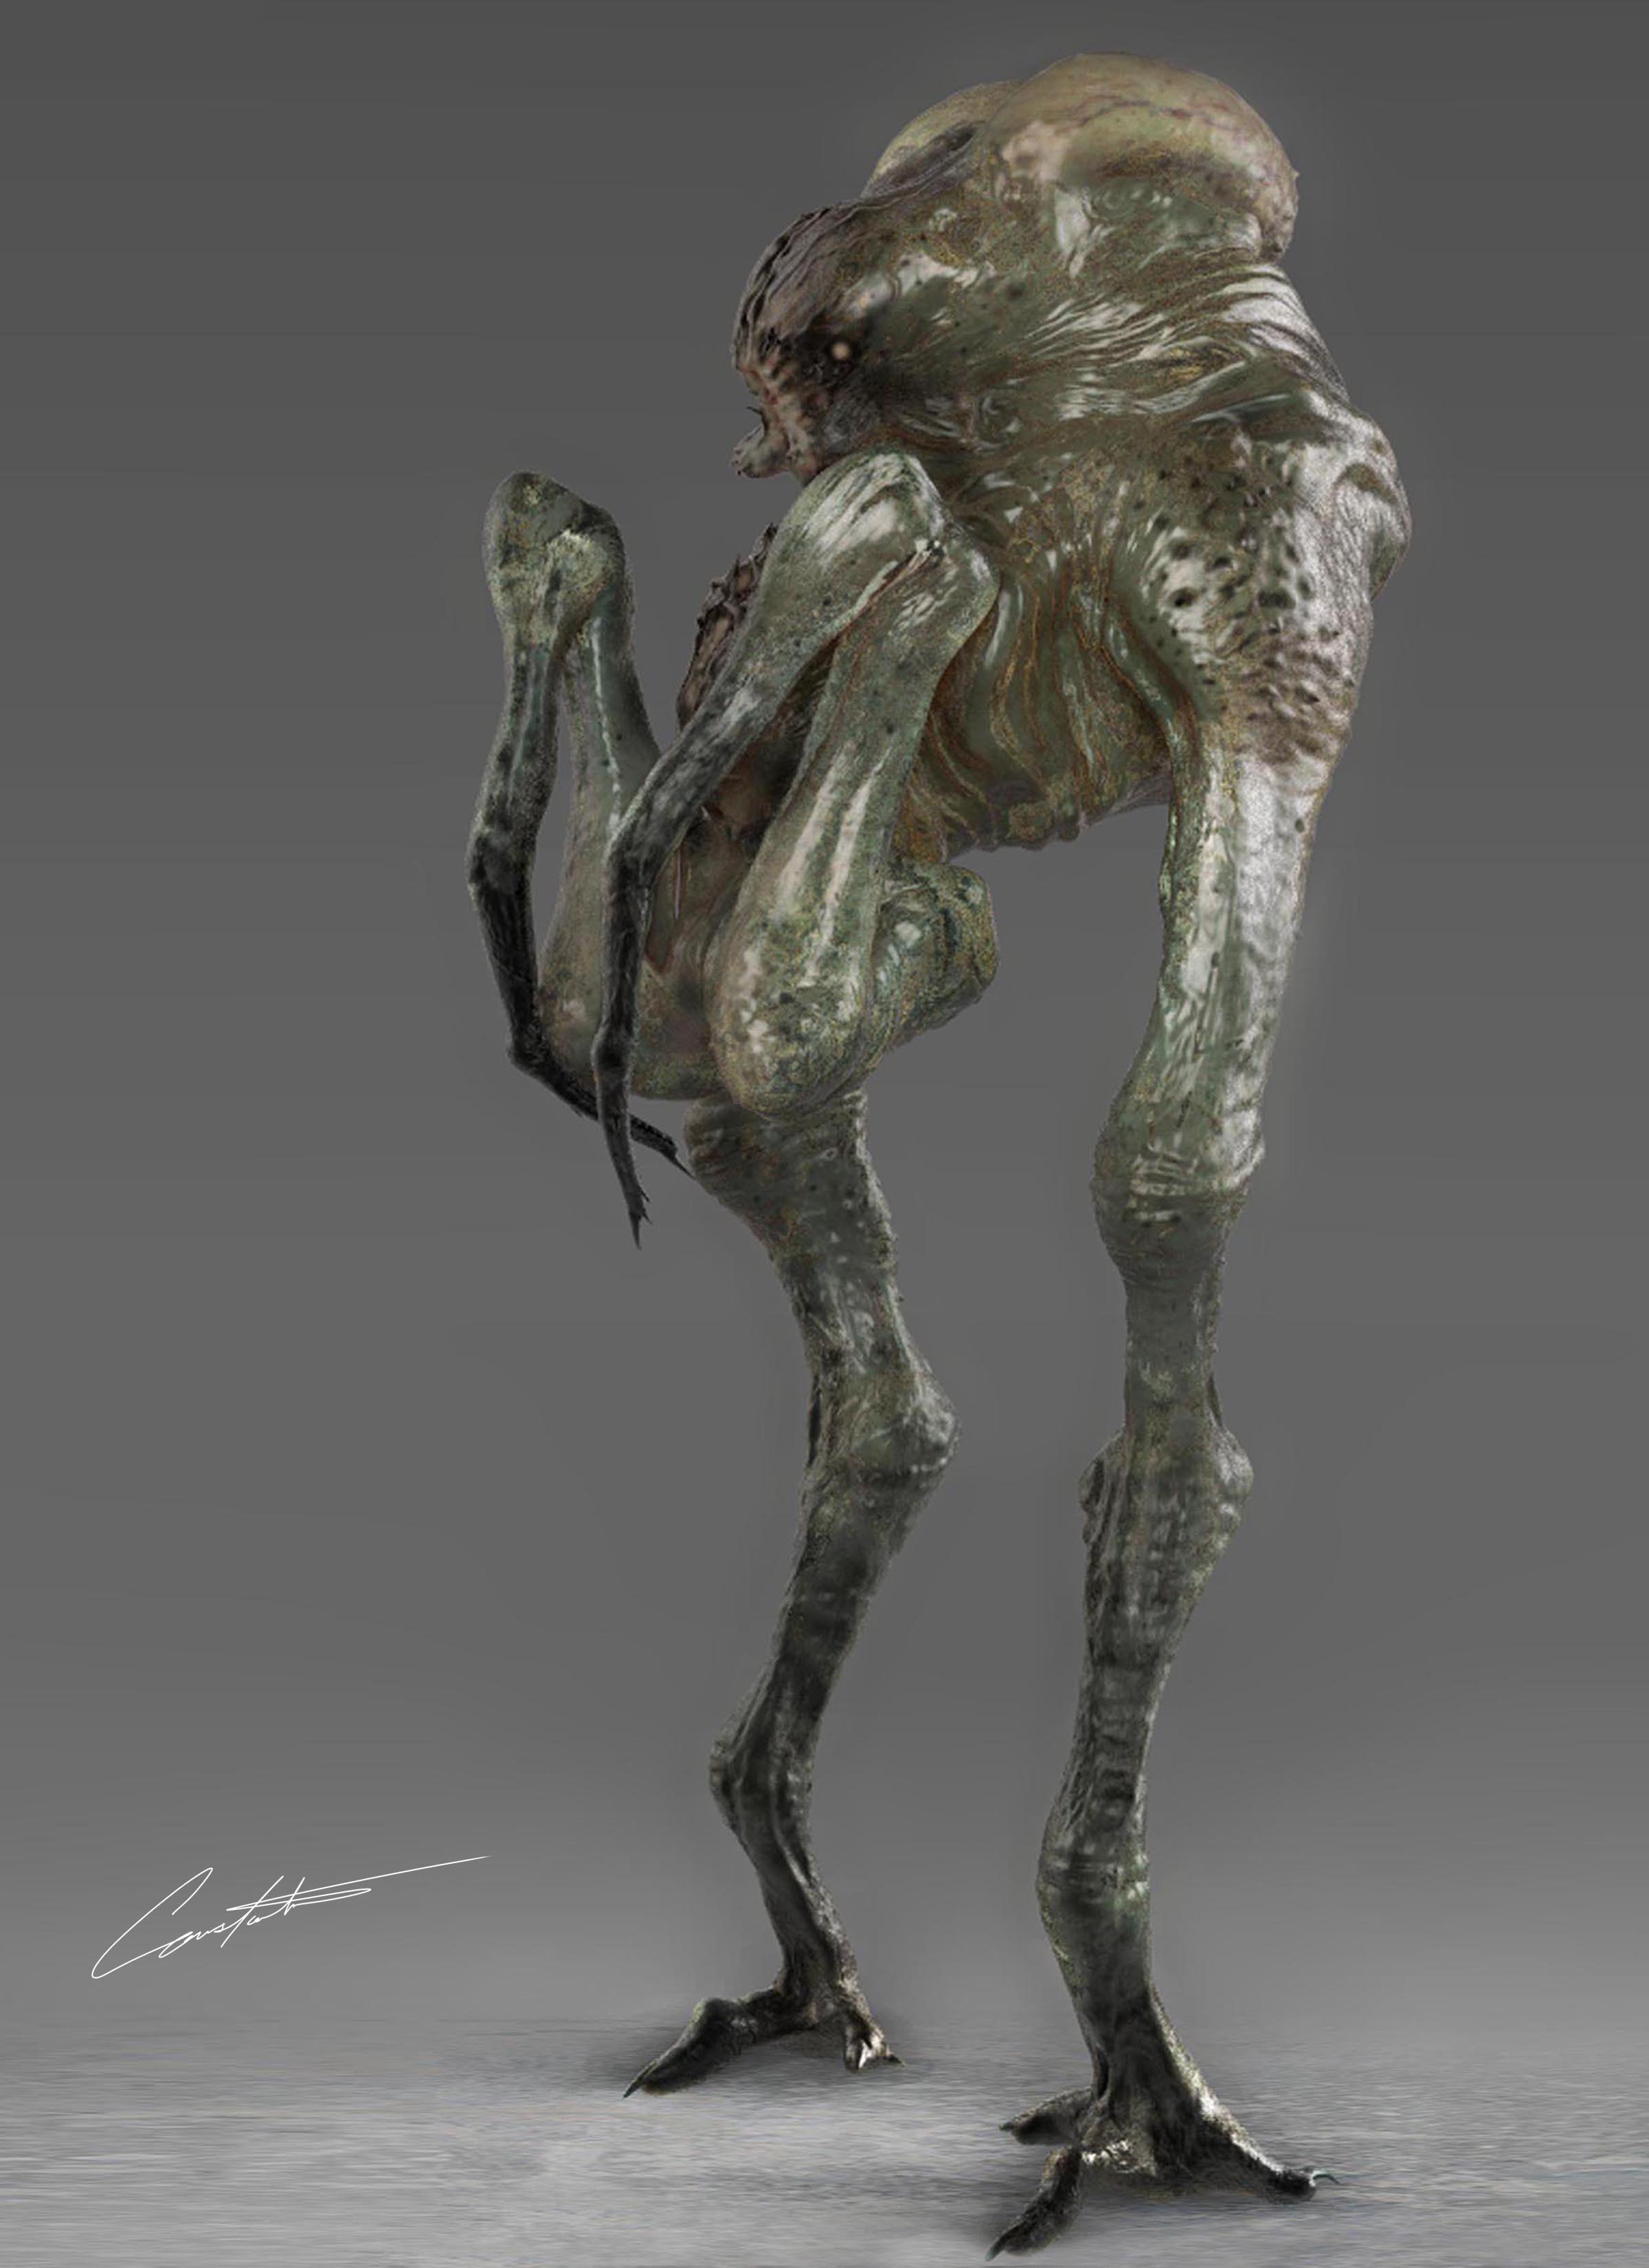 Fun bug alien creature design